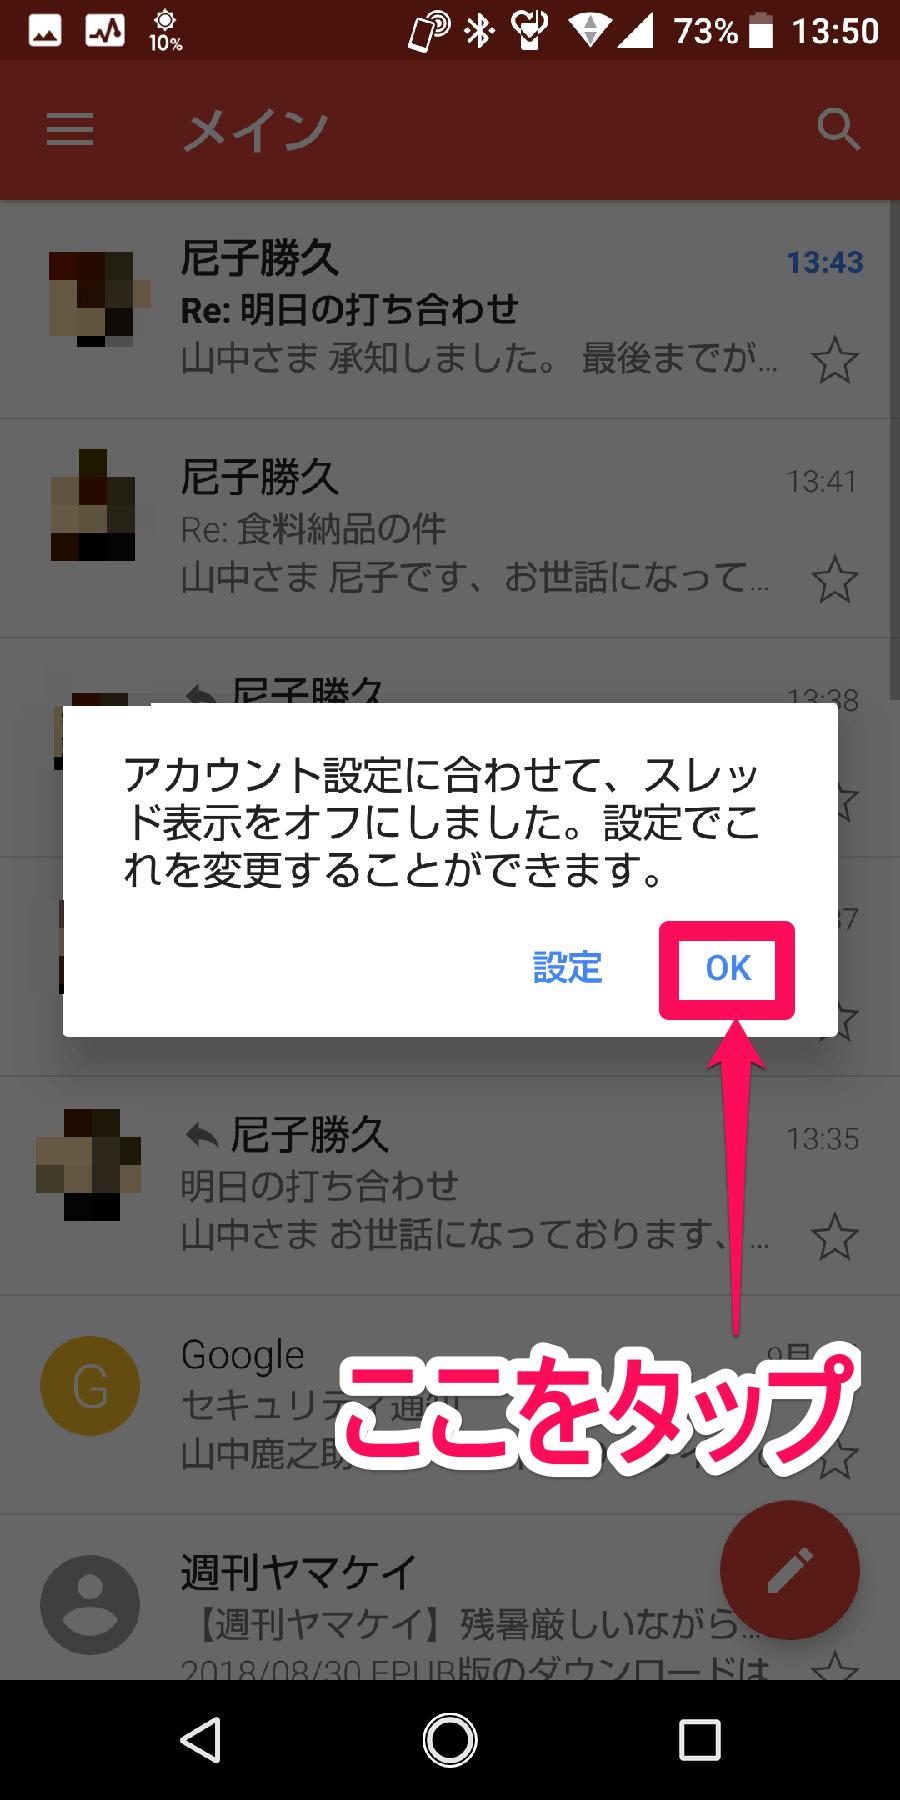 Gmail(ジーメール)アプリでスレッド表示をオフにしたときの確認画面